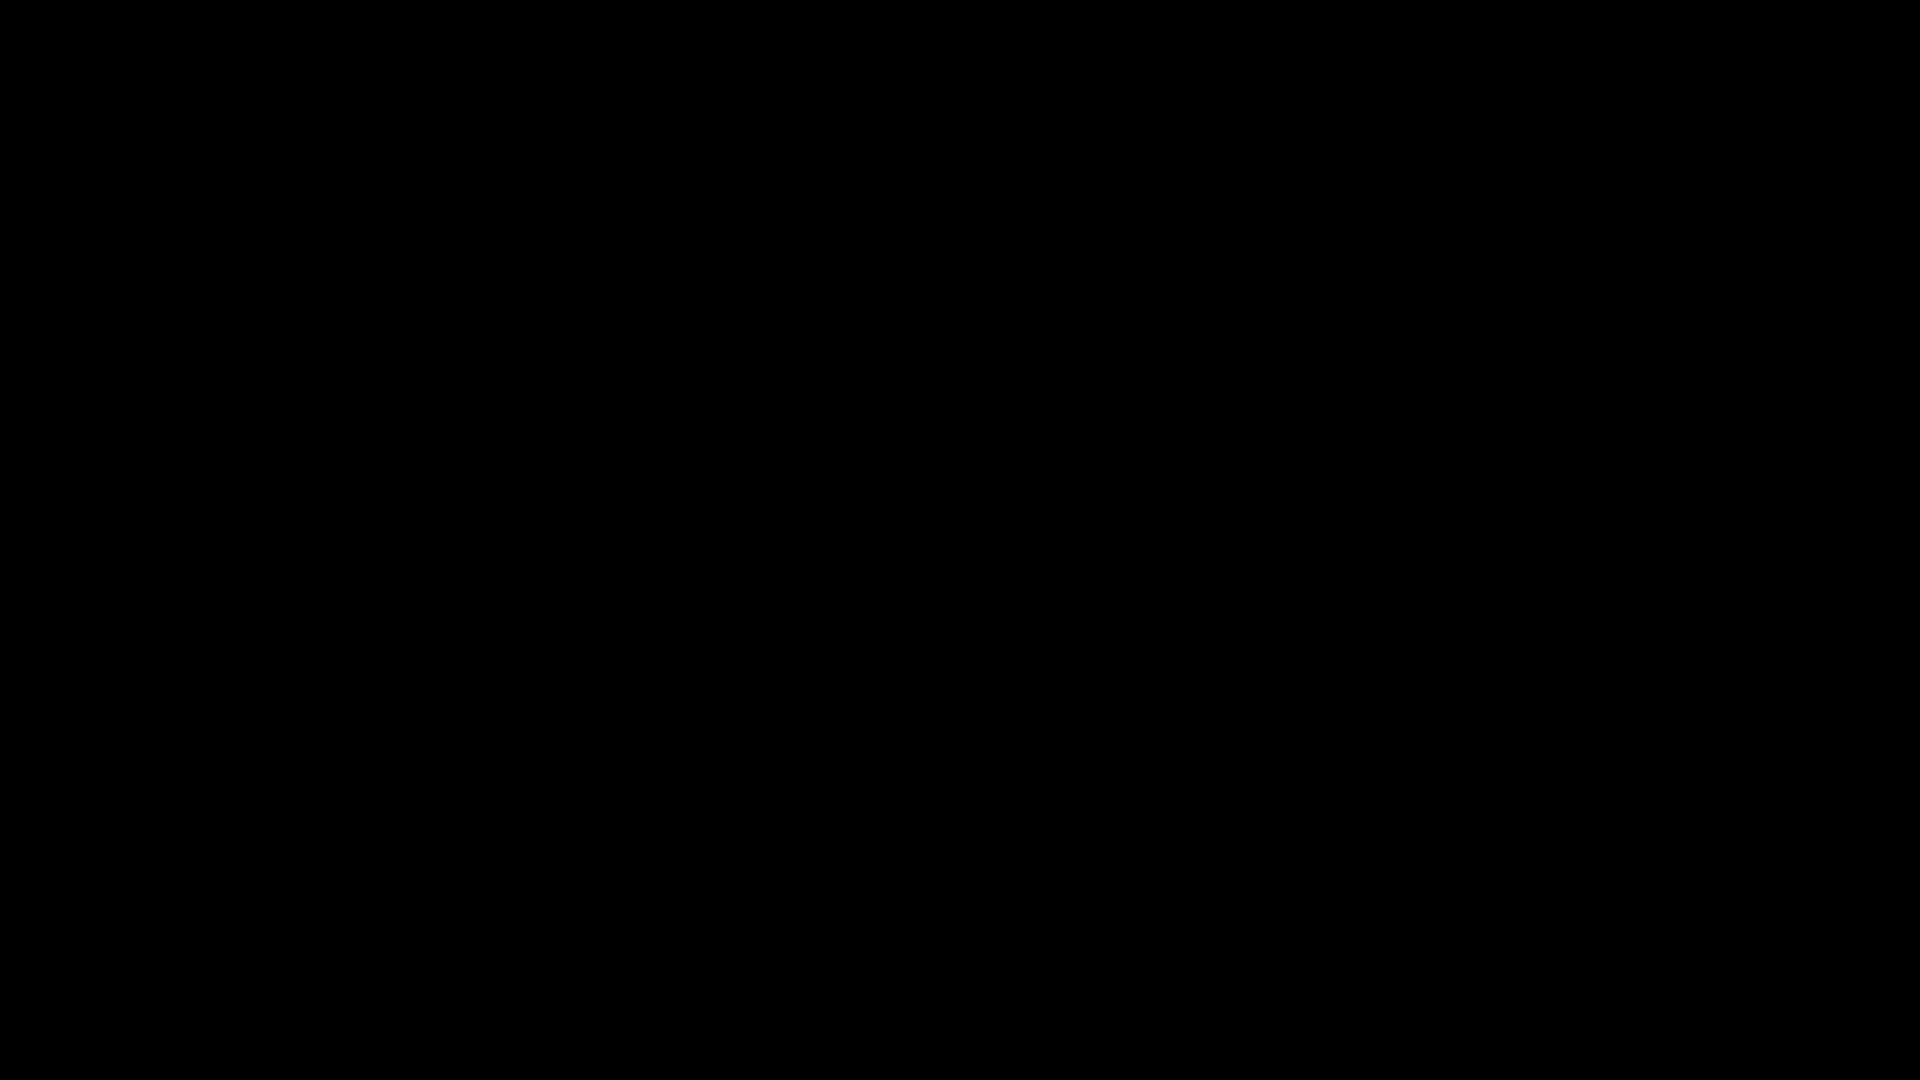 kripparrian,  GIFs